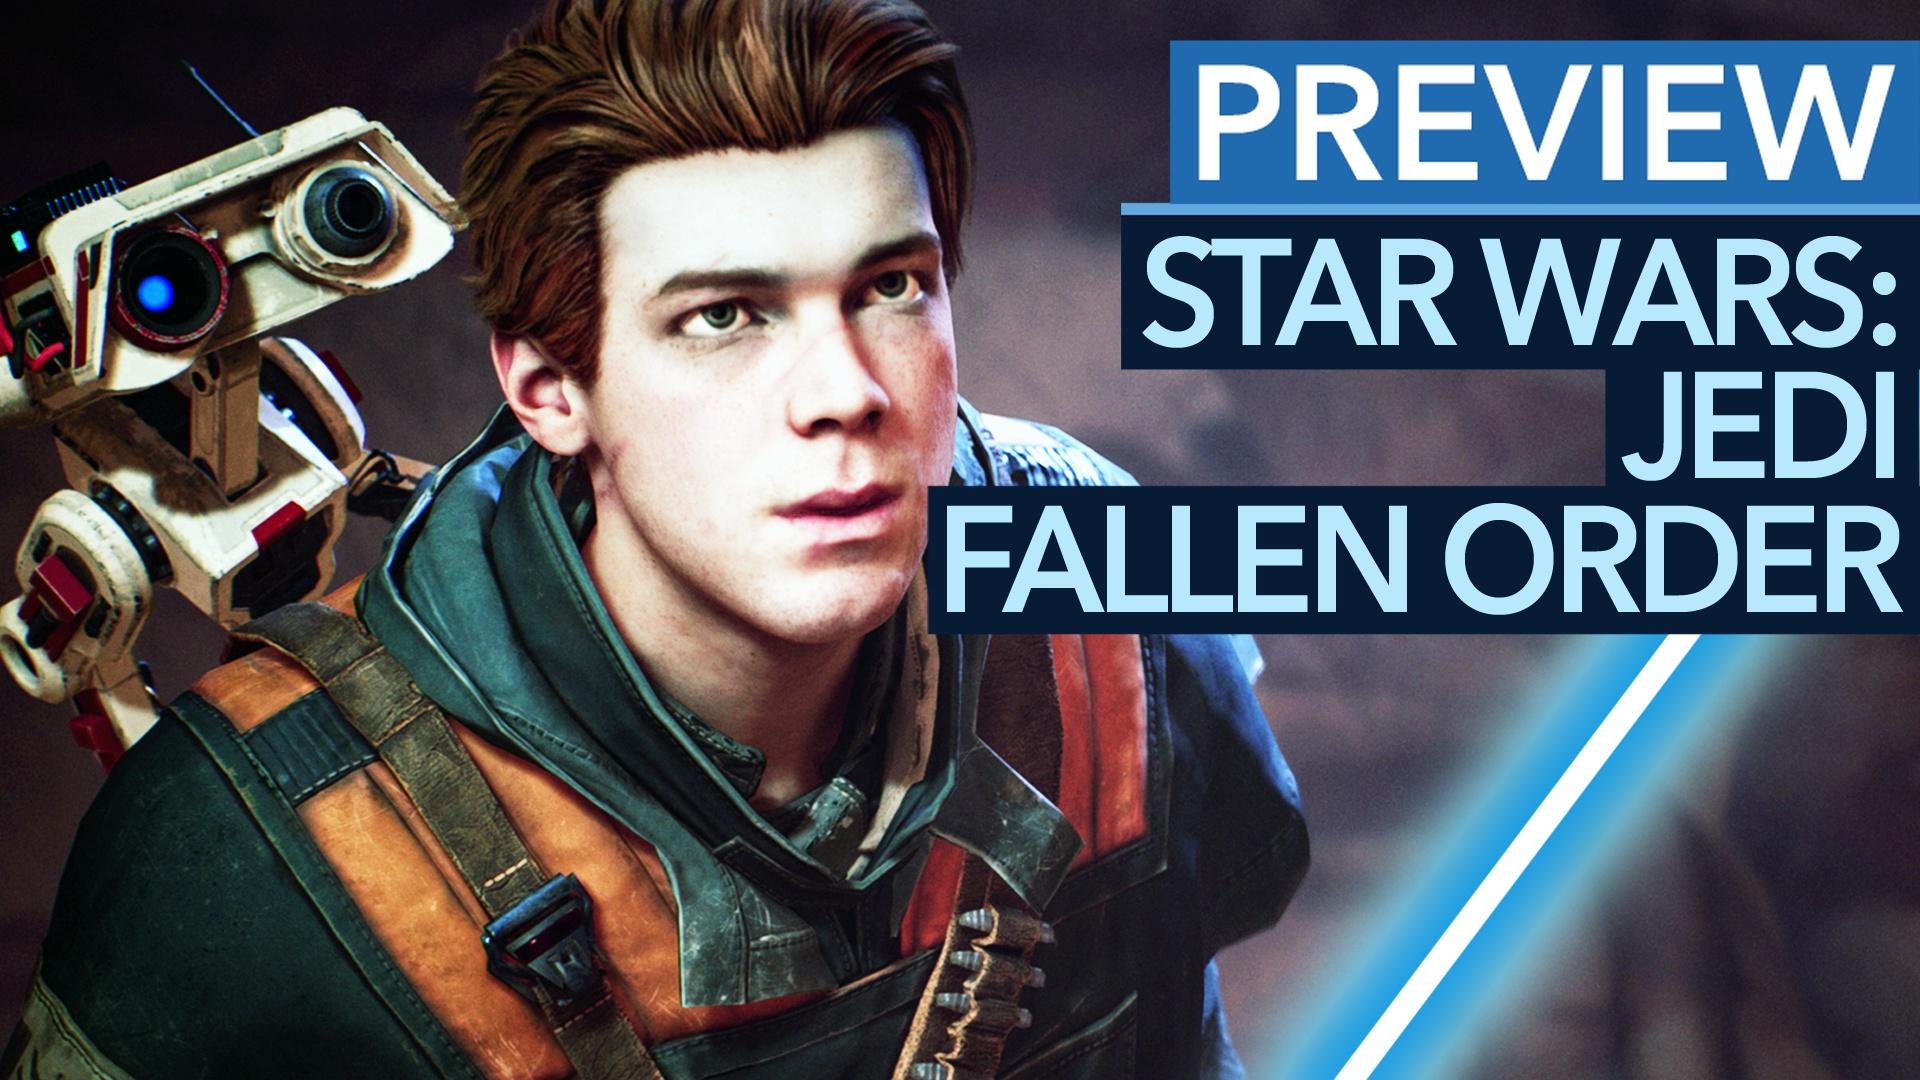 Star Wars: Jedi Fallen Order - Vorschau-Video: Mehr als nur eine neue Hoffnung